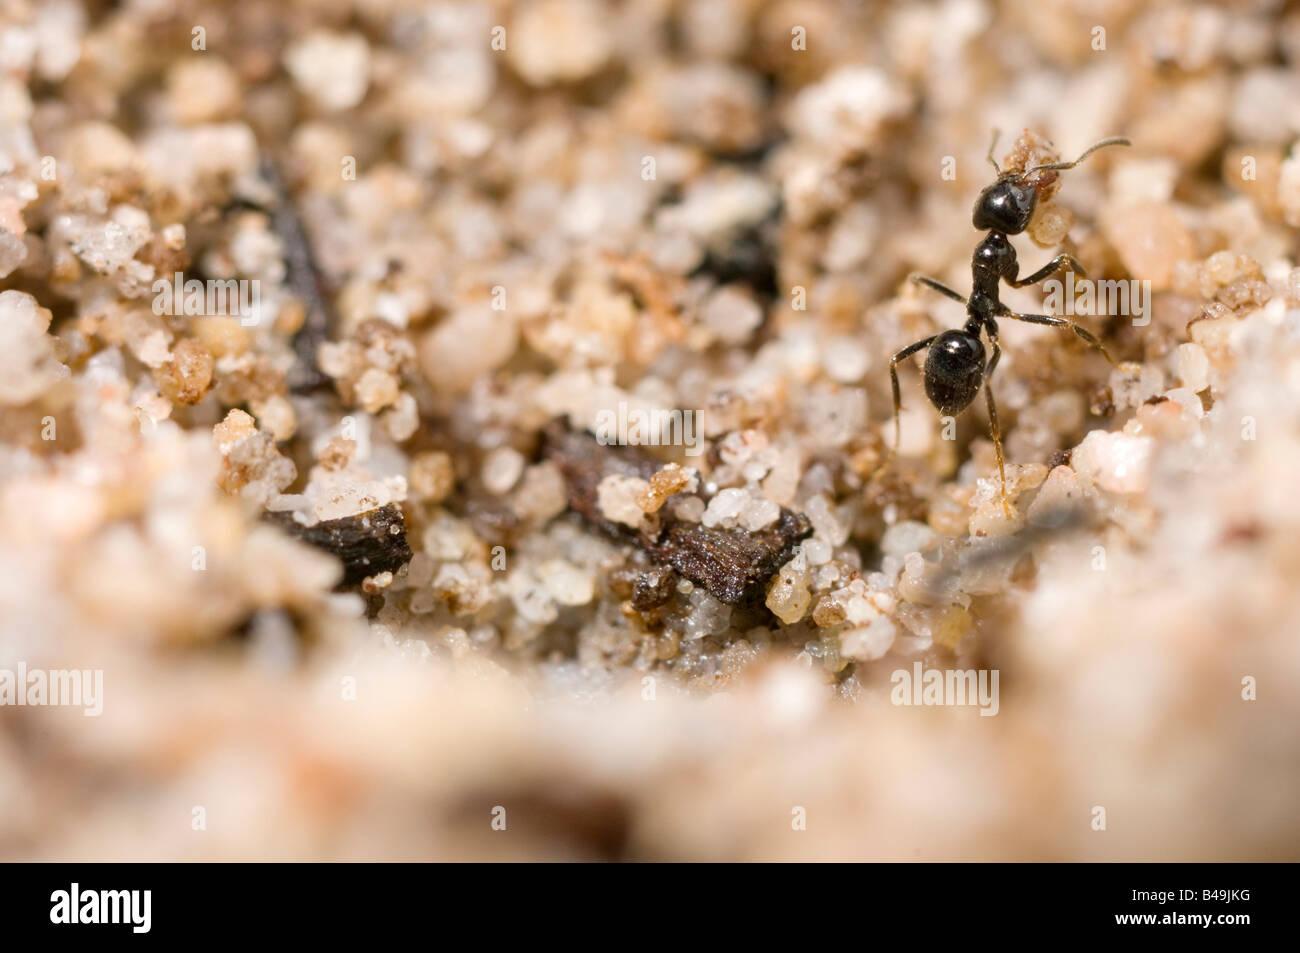 Winzige Ameise Buidling Nest Korn durch Korn Stockbild